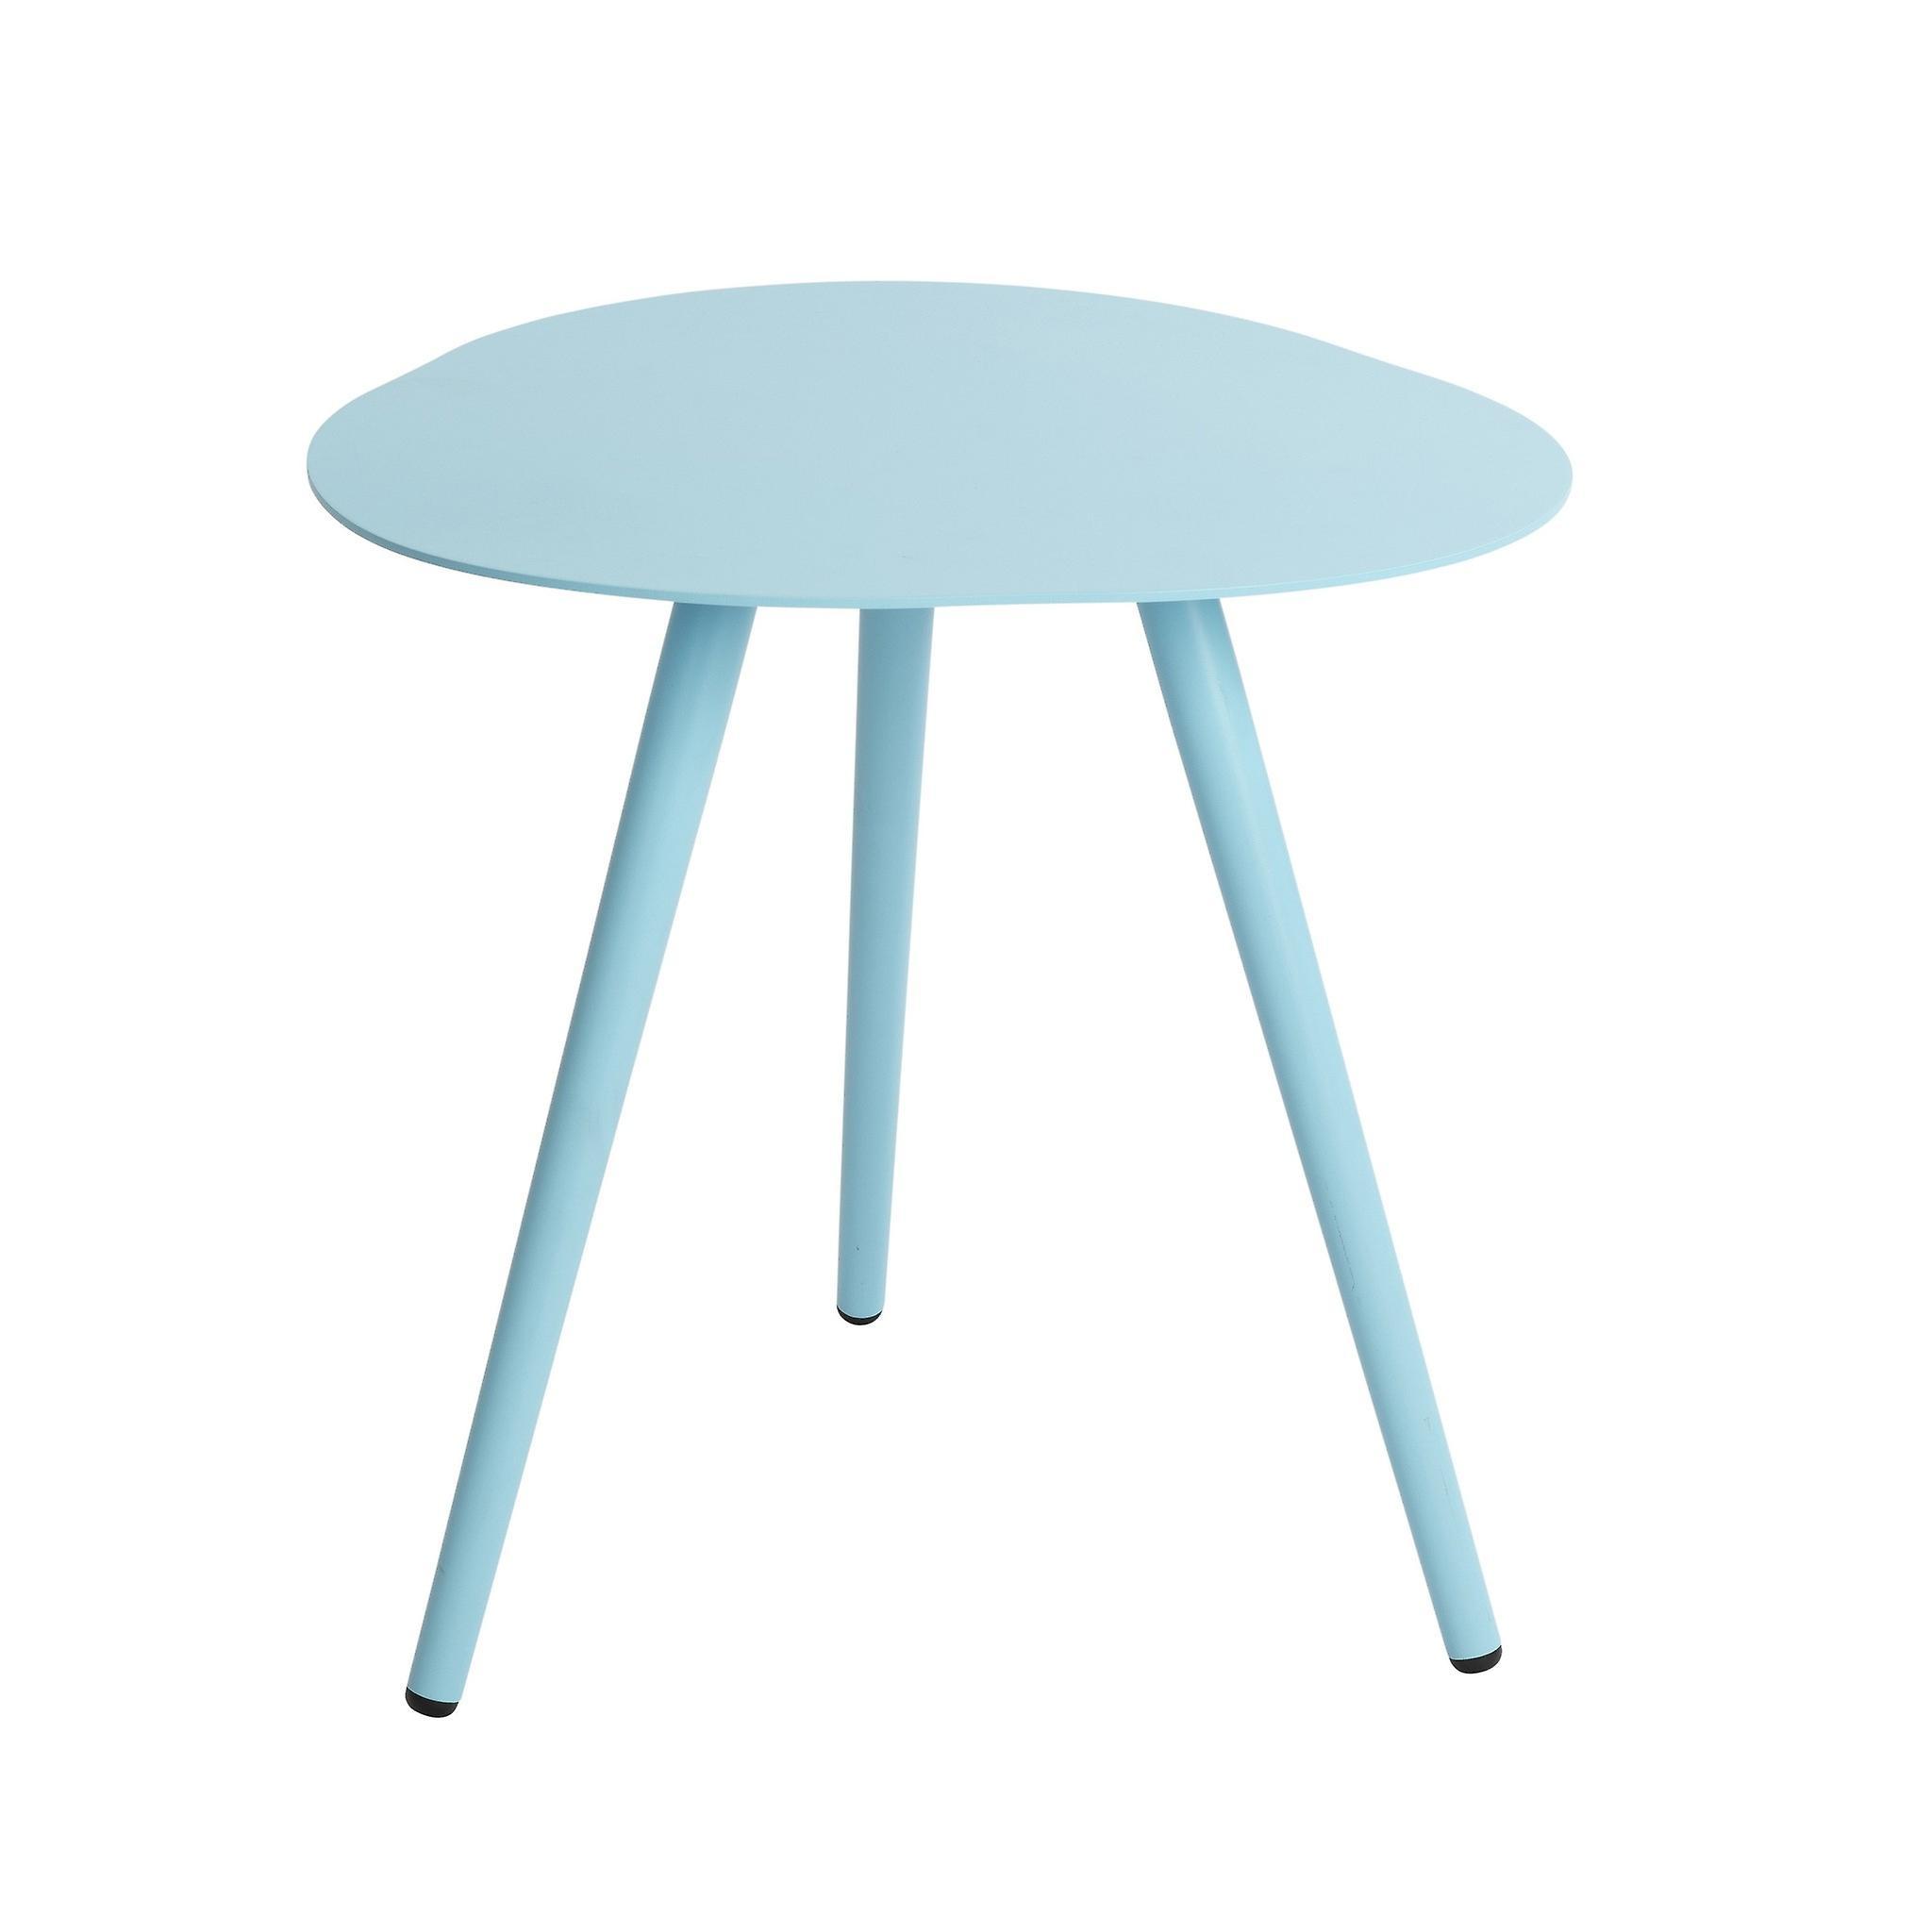 Plage7 - France Table de salon de sourire 50cm  Aqua - France